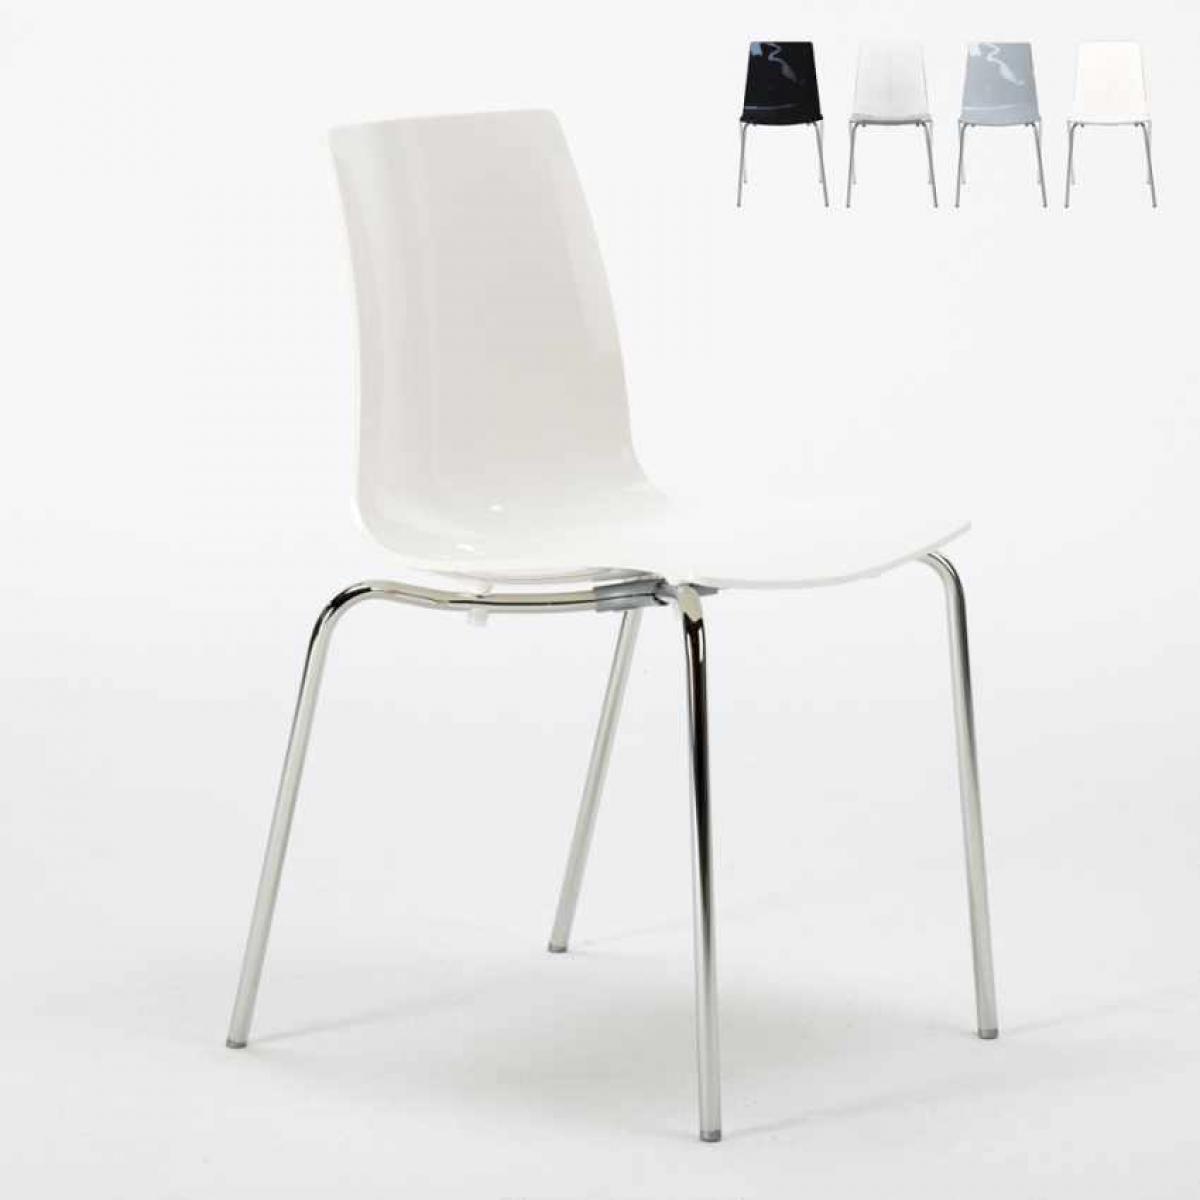 Grand Soleil Chaise de cuisine empilables avec pieds en acier empilables Lollipop Grand Soleil, Couleur: Blanc